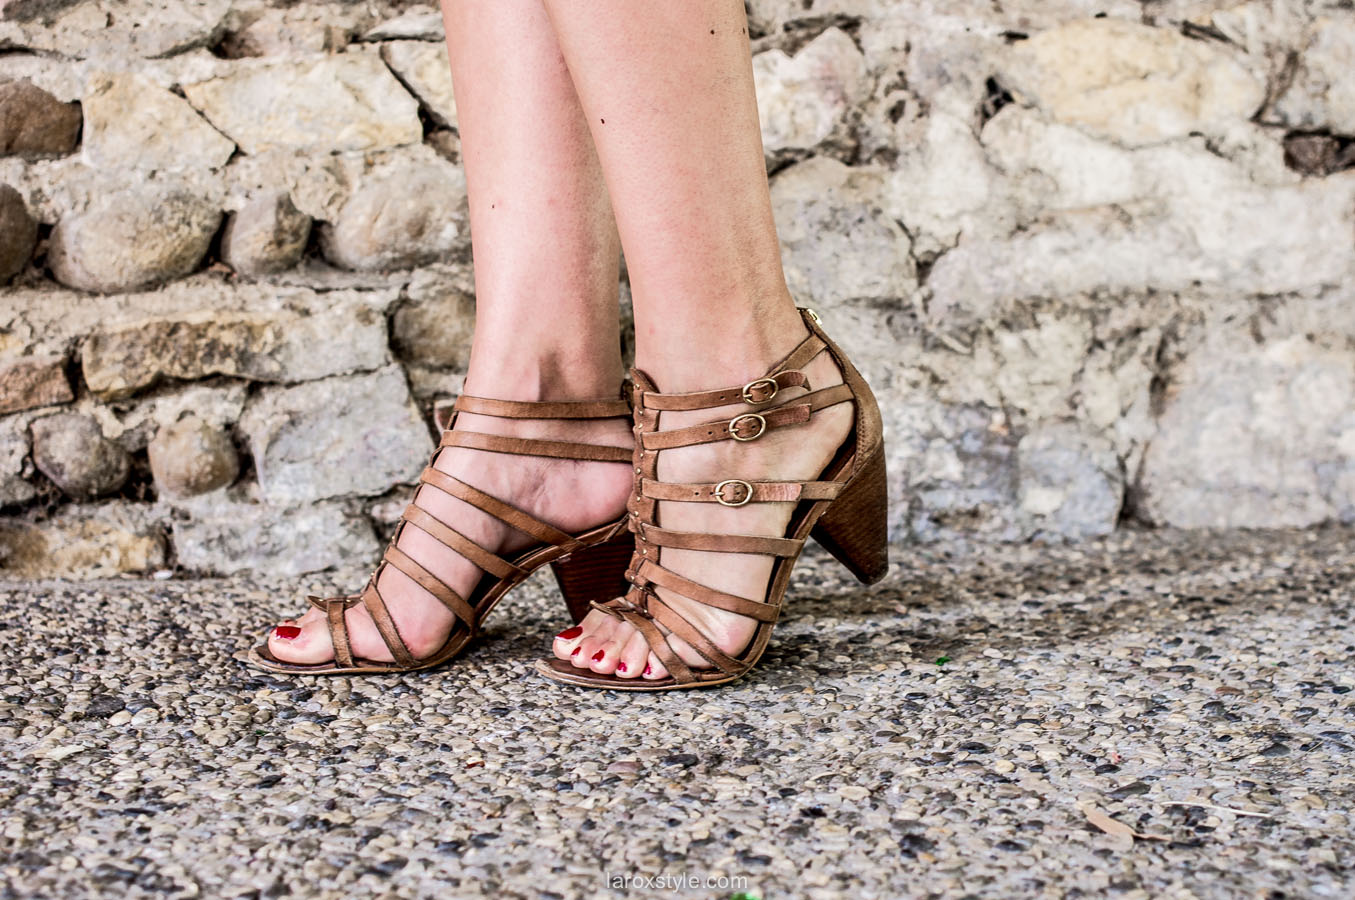 shoes addict - sandales a petit talon - spartiates a talon